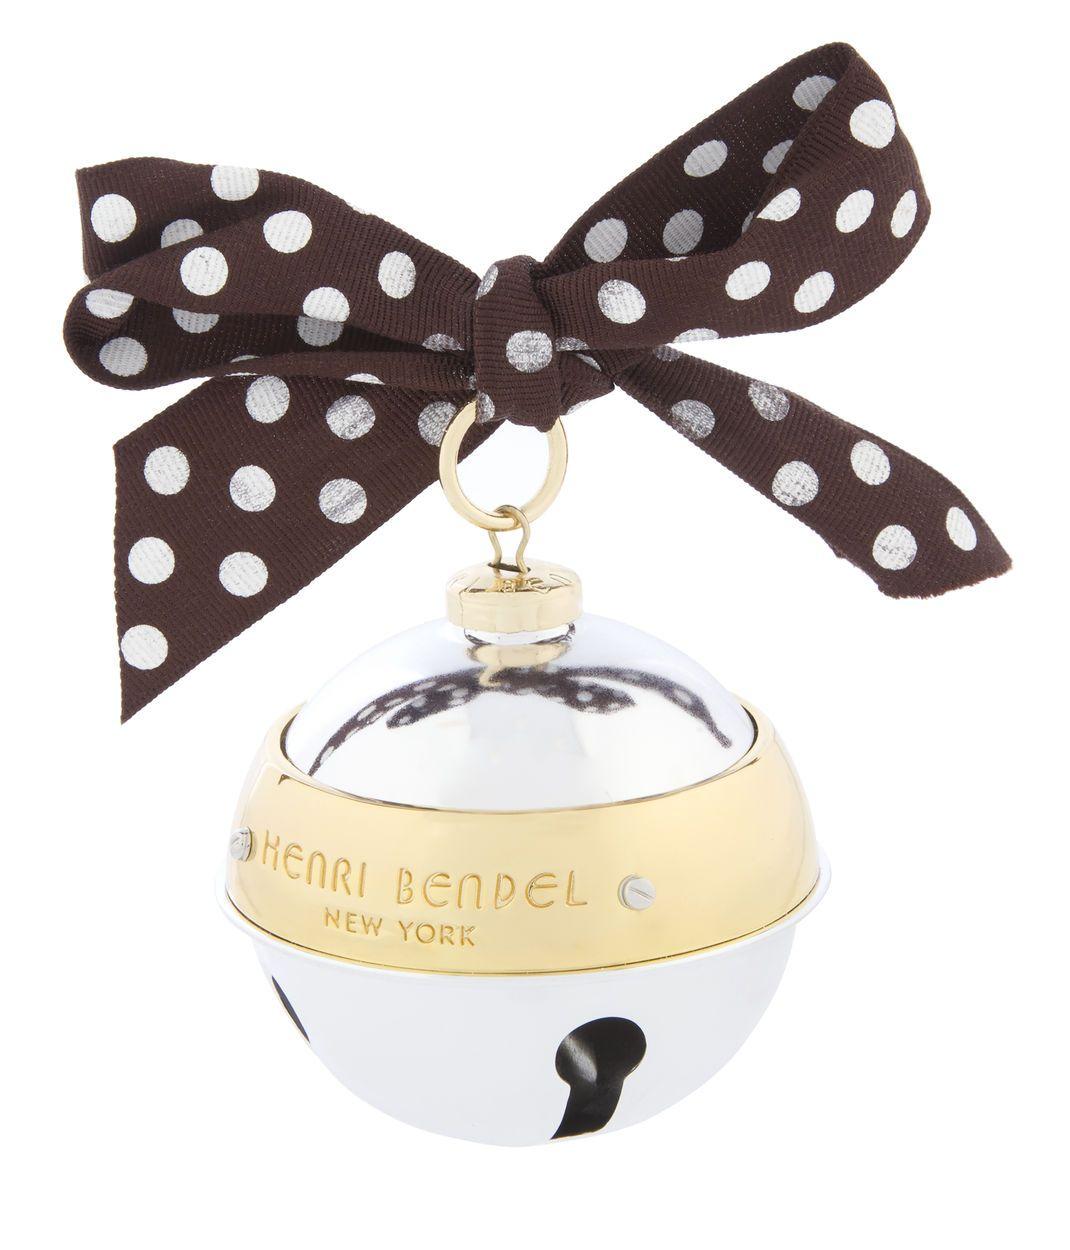 Henri Bendel Bell OrnamentHenri Bendel Bell Ornament | The Ultimate ...